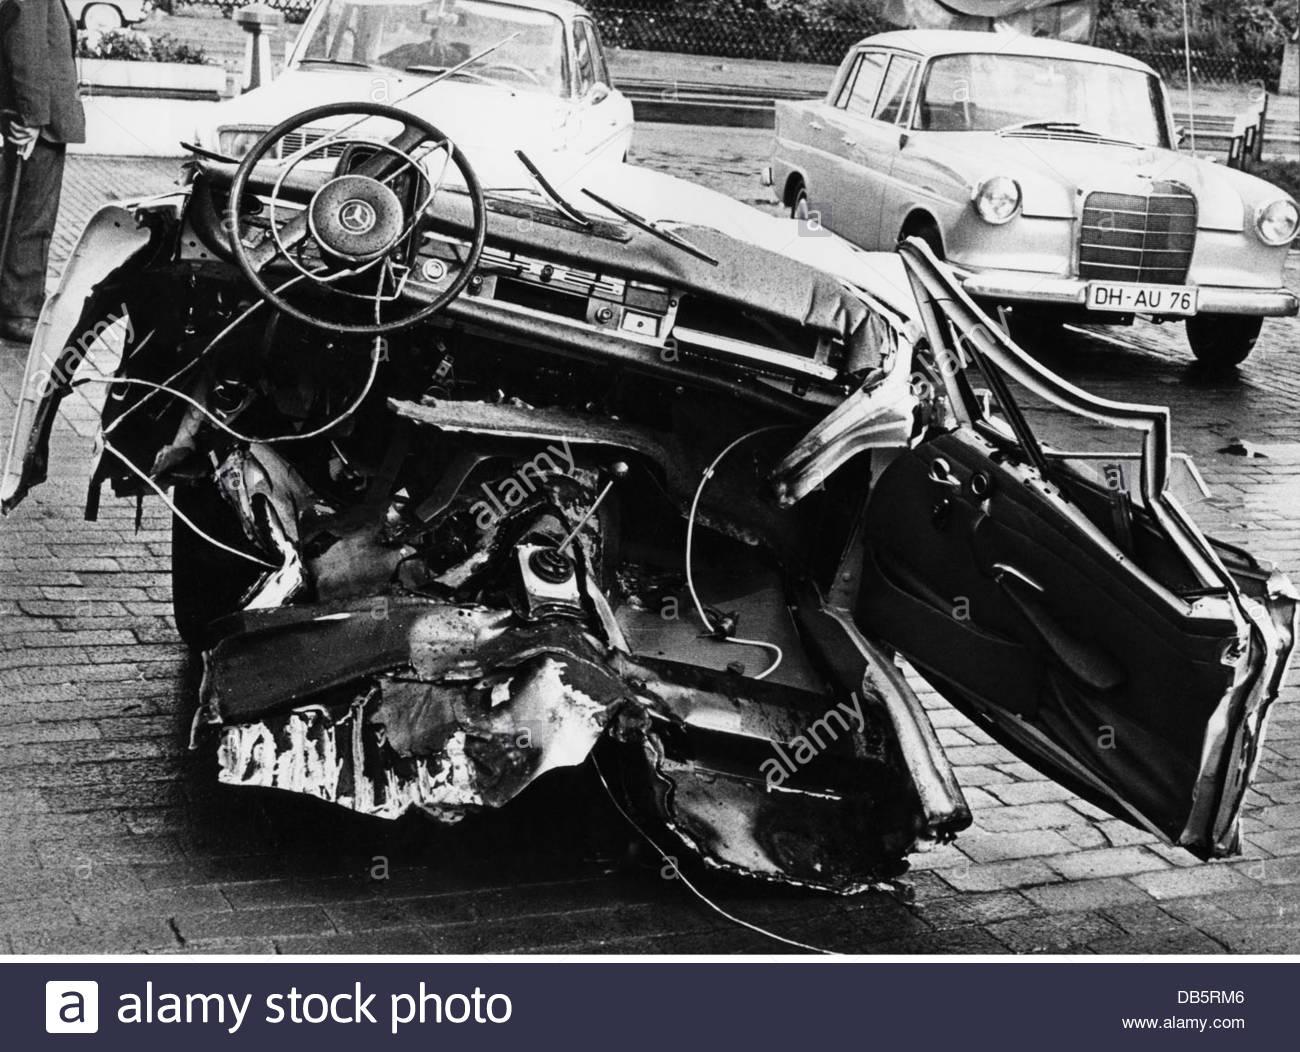 transport / transportation, cars, car crashes, totally destroyed ...